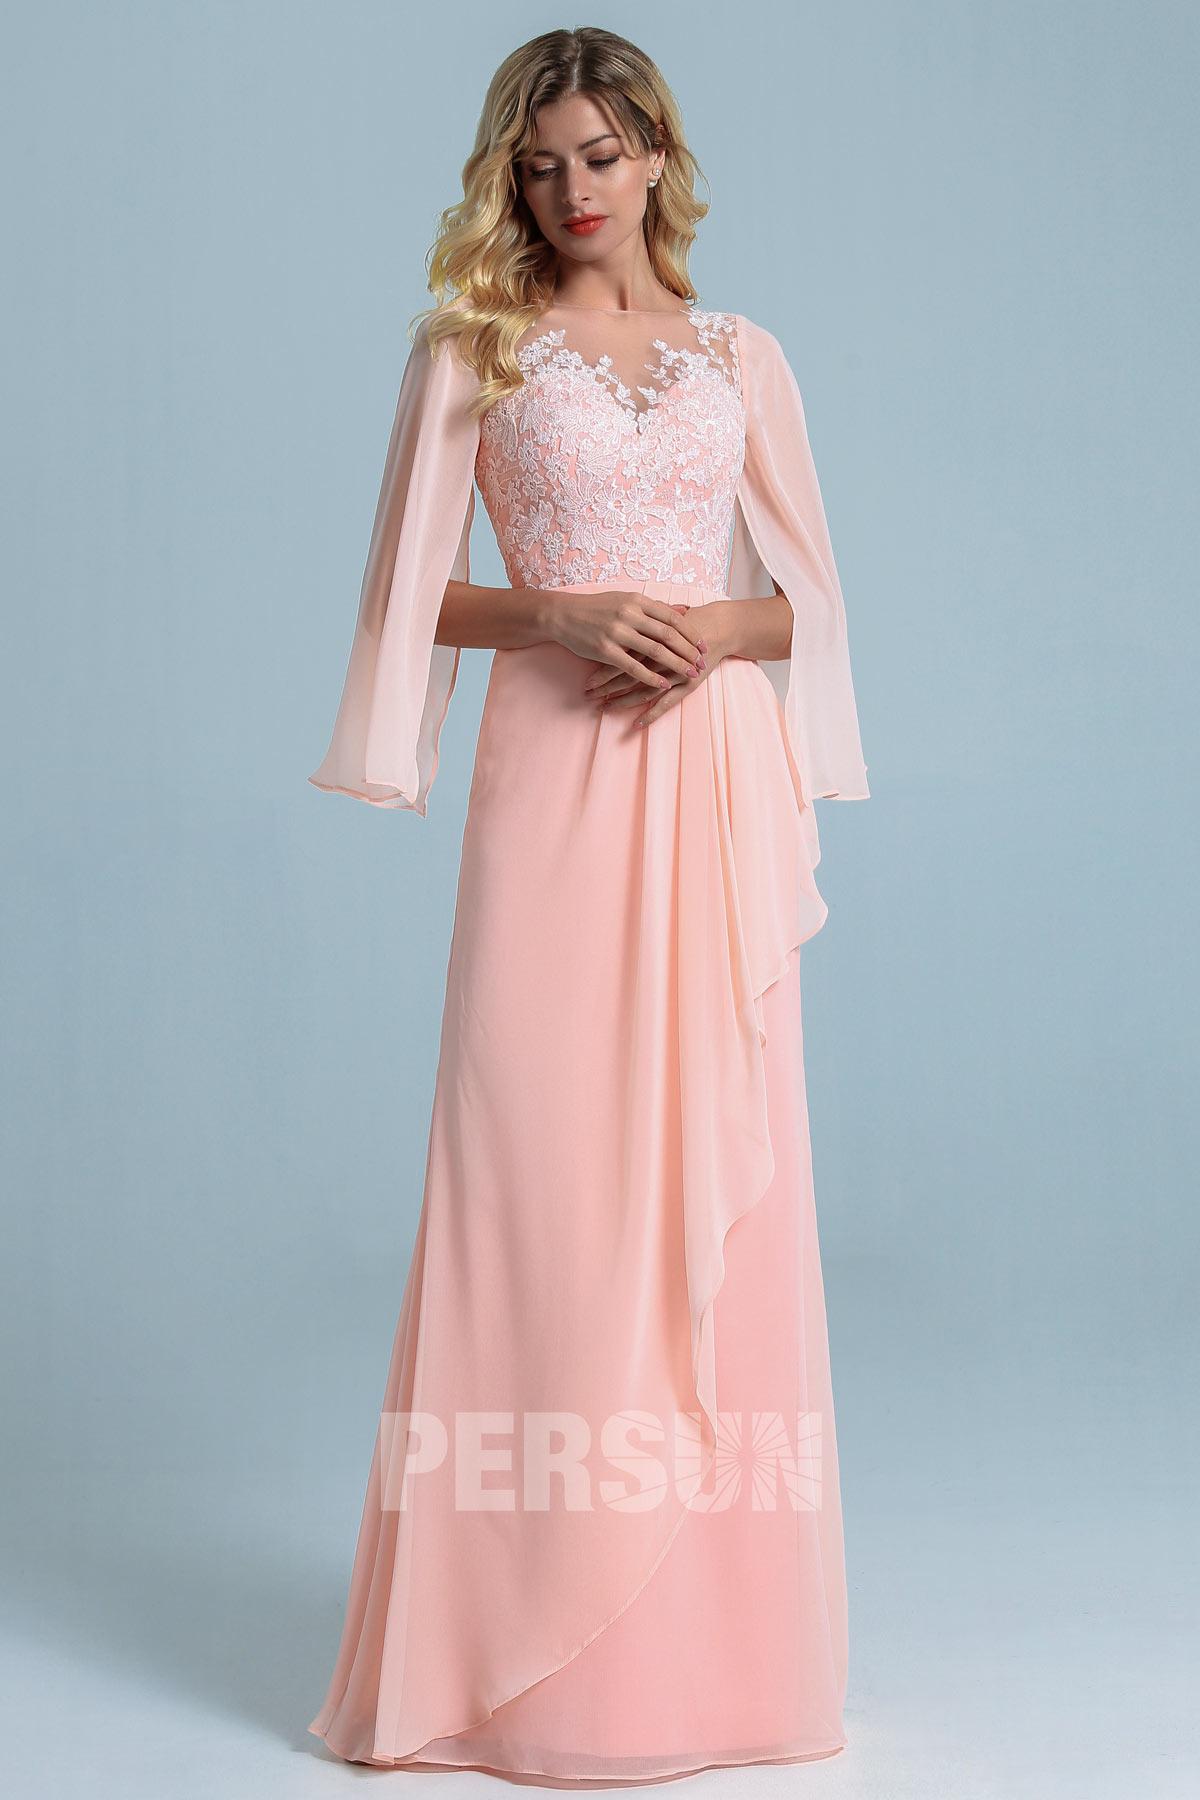 robe longue bohème rose perle bustier brodé avec manche 2020